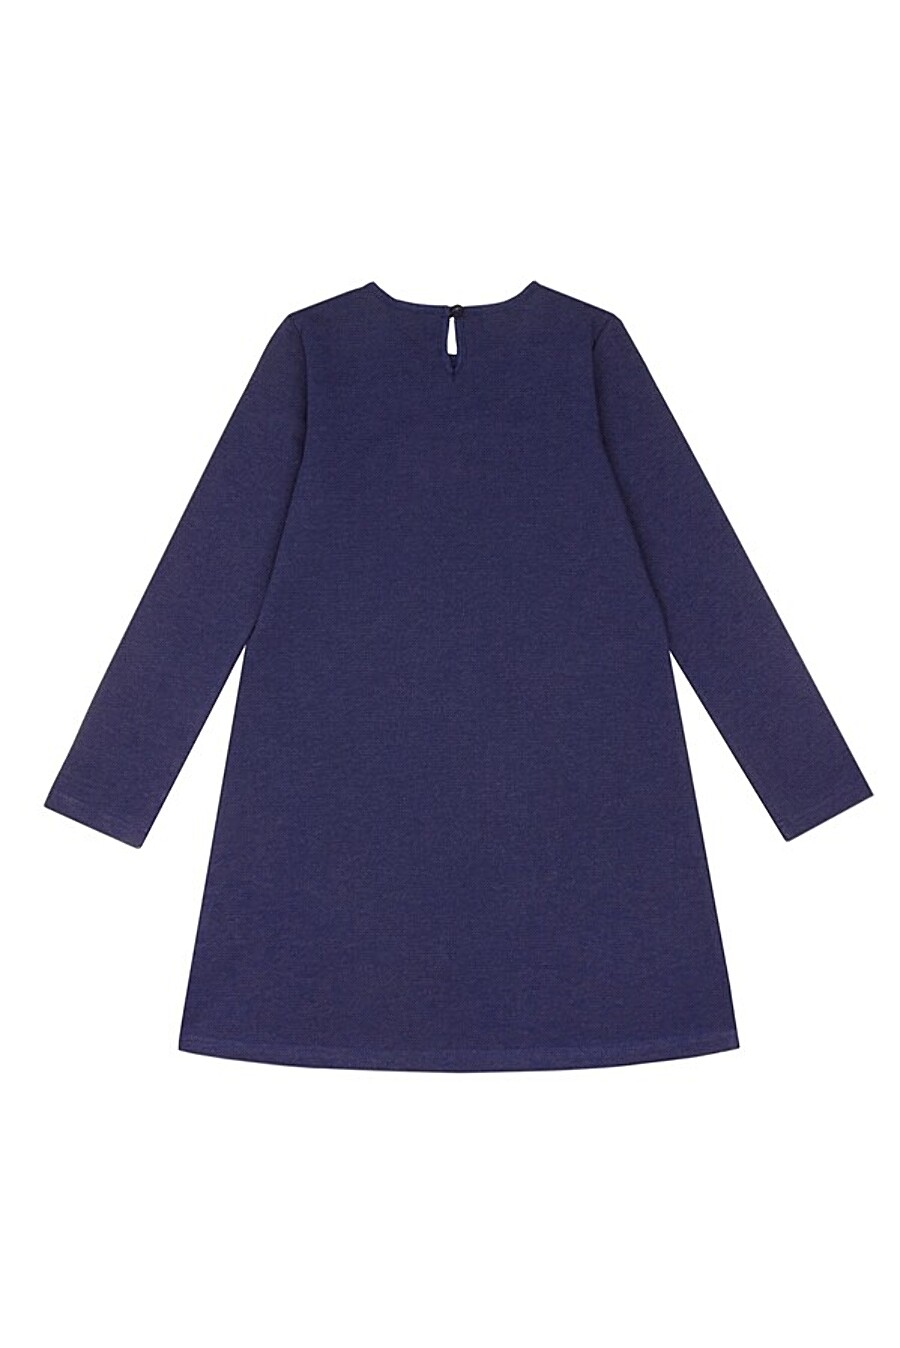 Платье для девочек Archi 288460 купить оптом от производителя. Совместная покупка детской одежды в OptMoyo